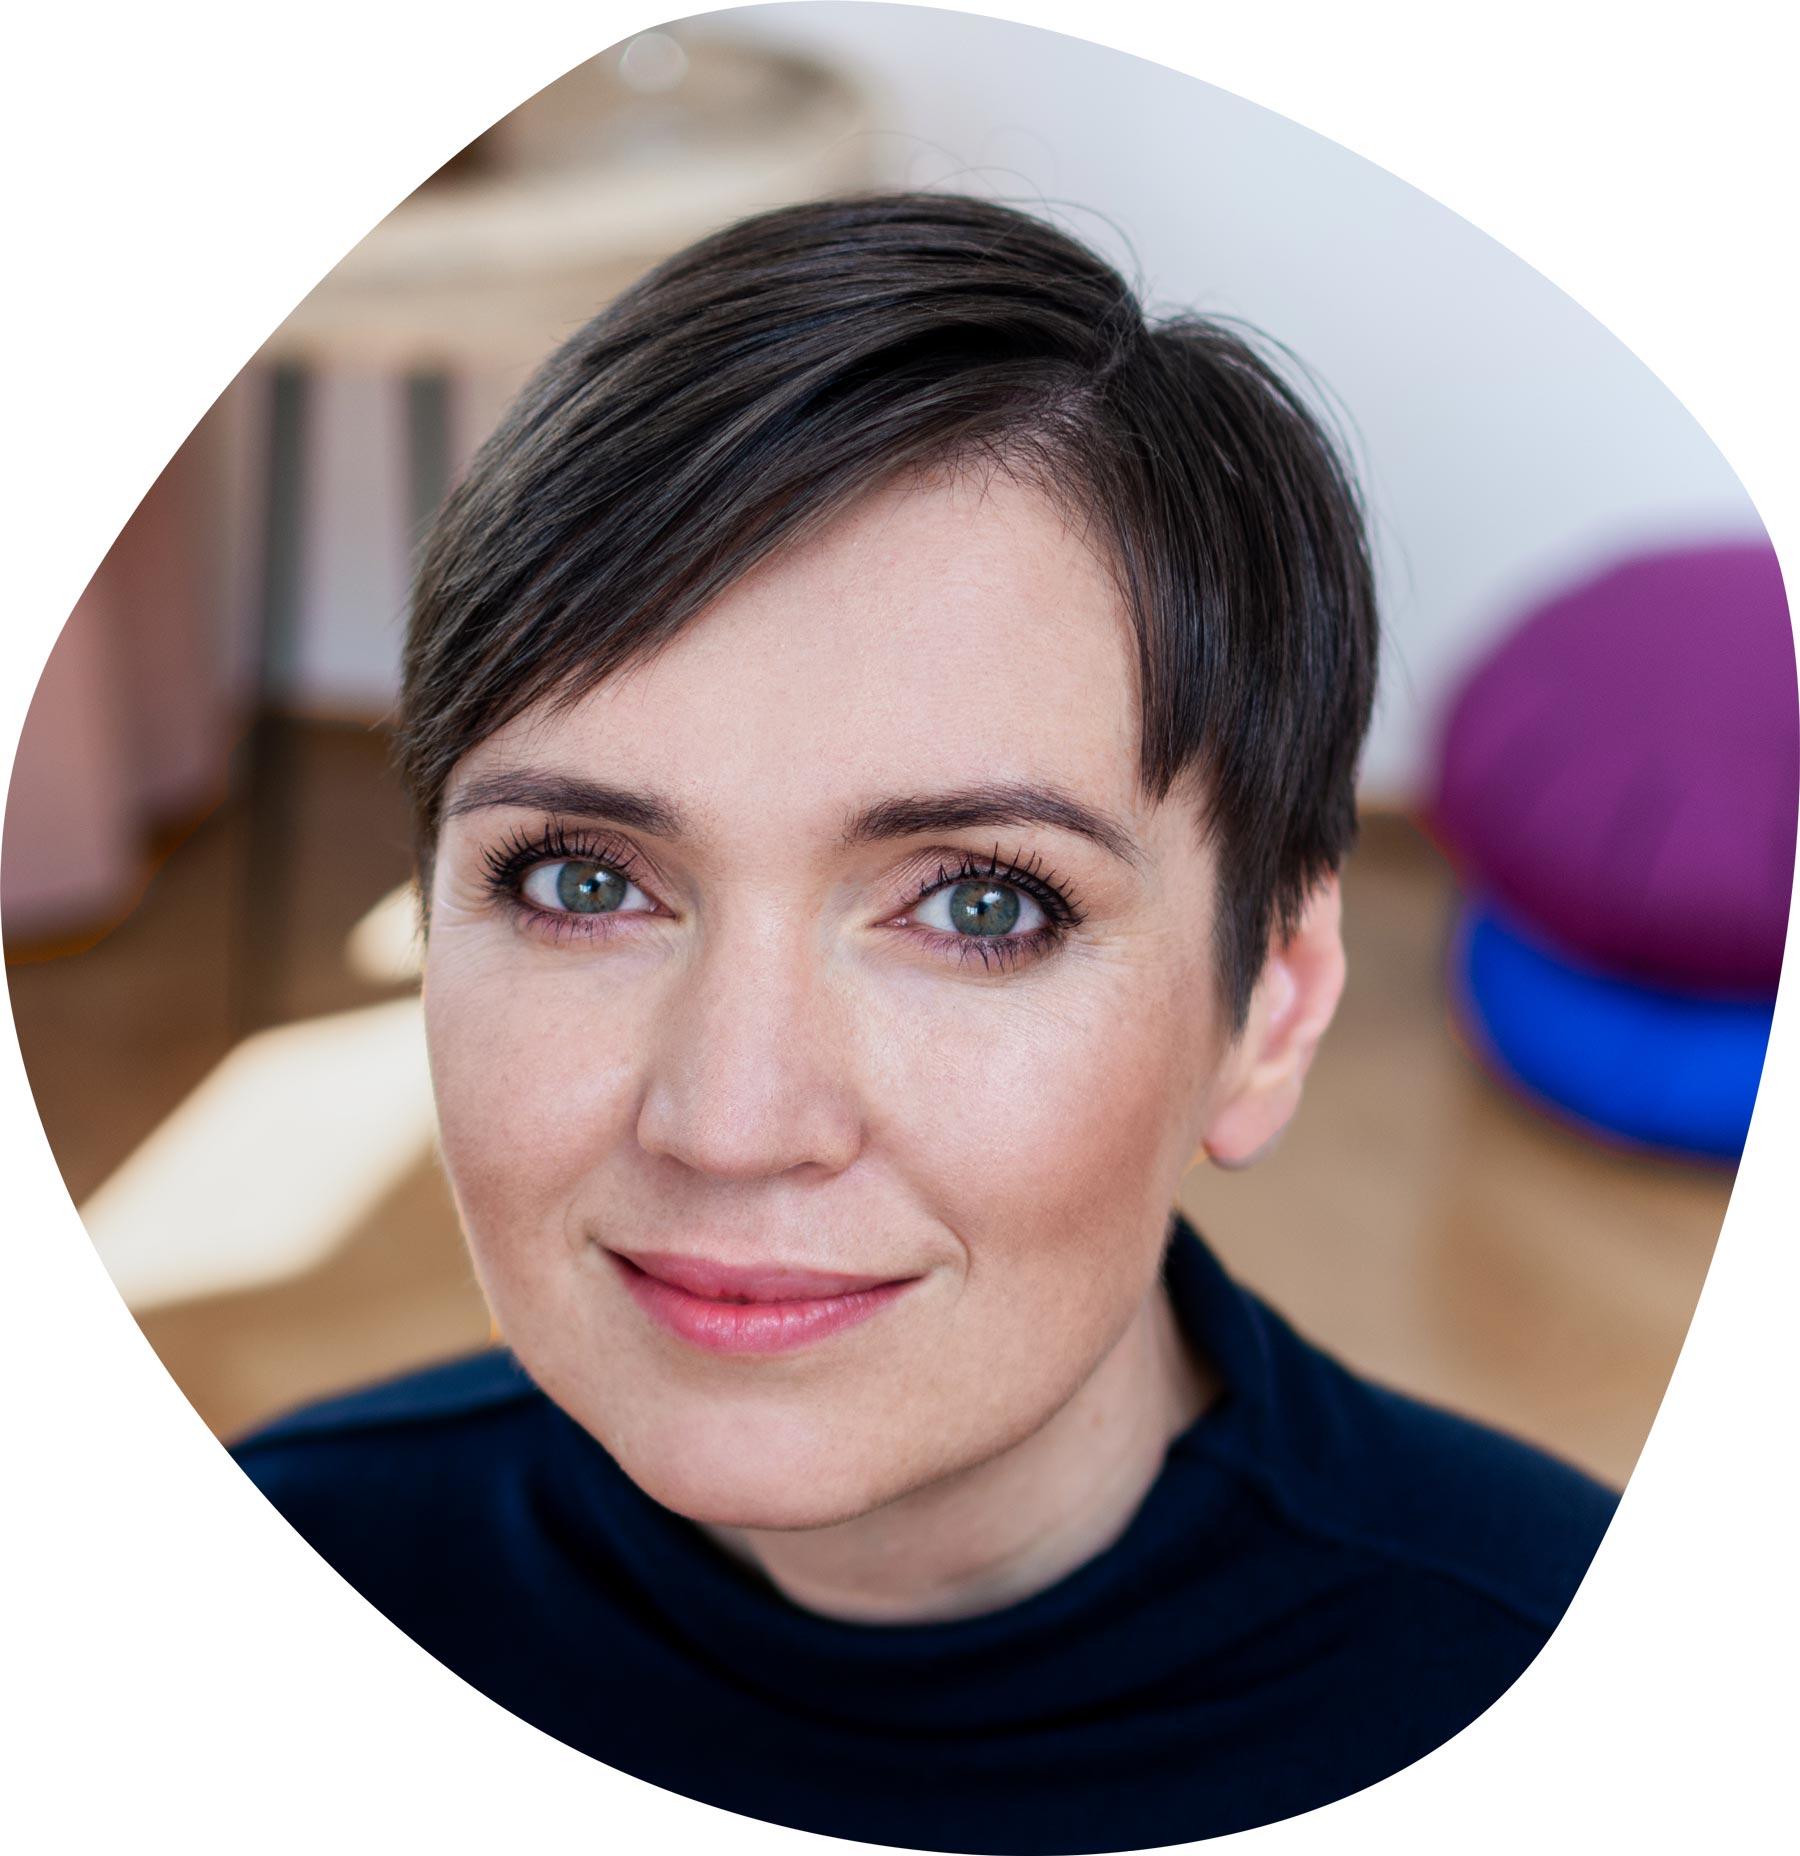 Agnieszka-Pawlowska-mindfulness-compassion-kursy-online-konsultacje